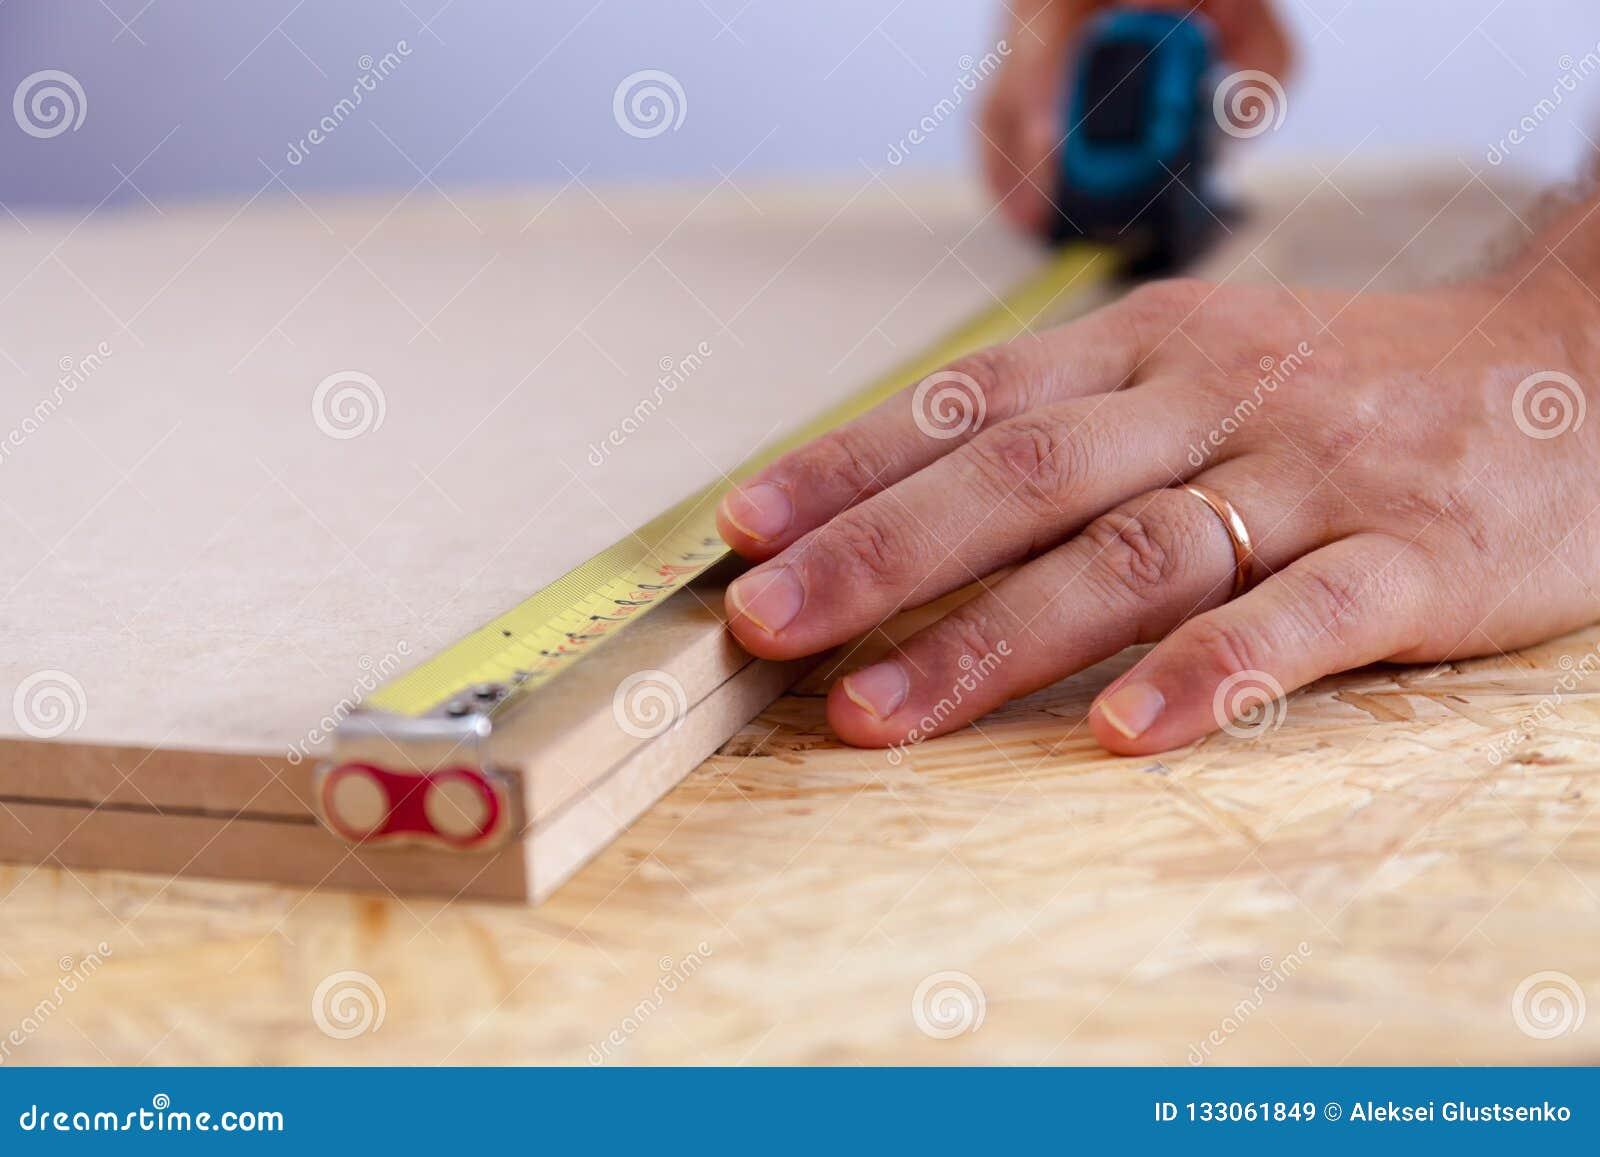 Ideia ascendente próxima das mãos de um homem que medem uma parte de madeira com uma fita handyman medida